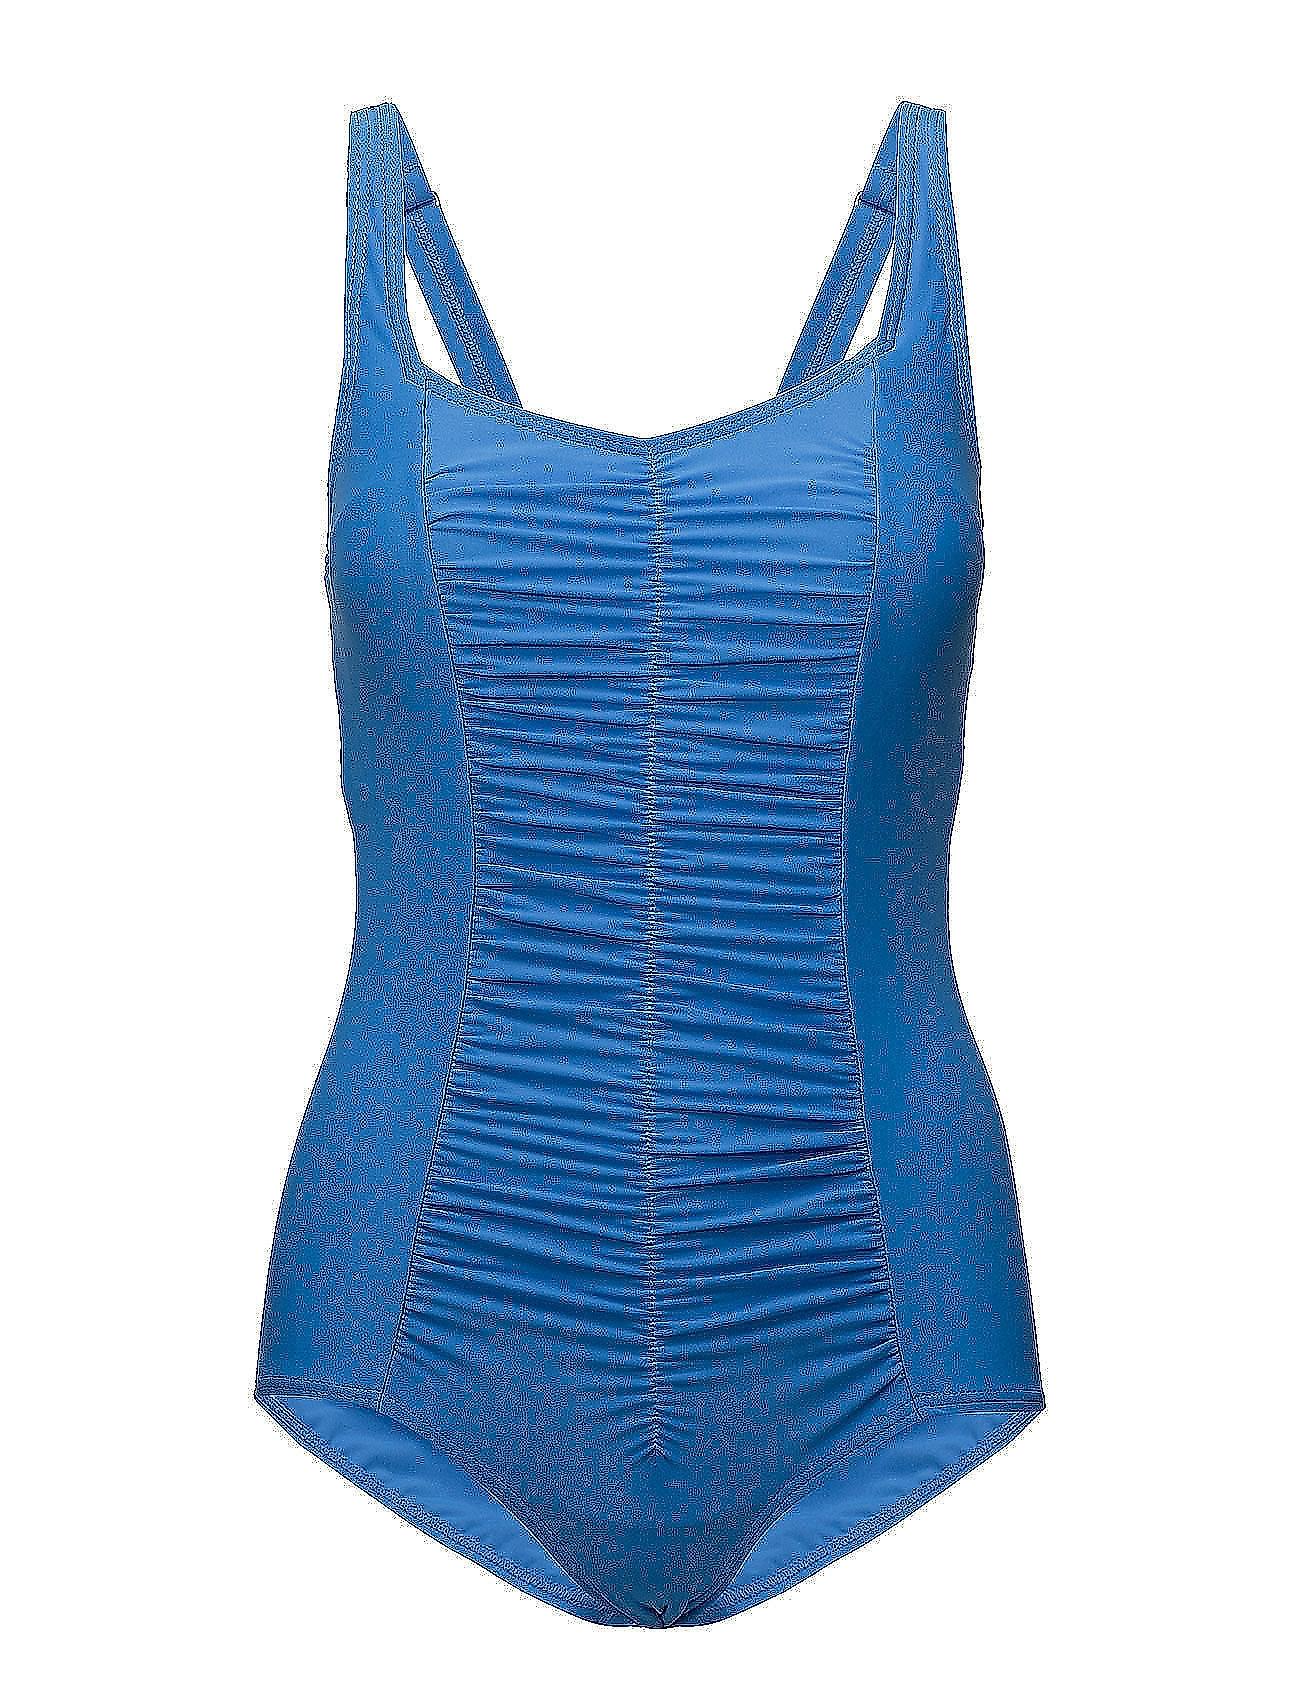 55882e439f2 Swimsuit Valentina Badedragt Badetøj Blå WIKI